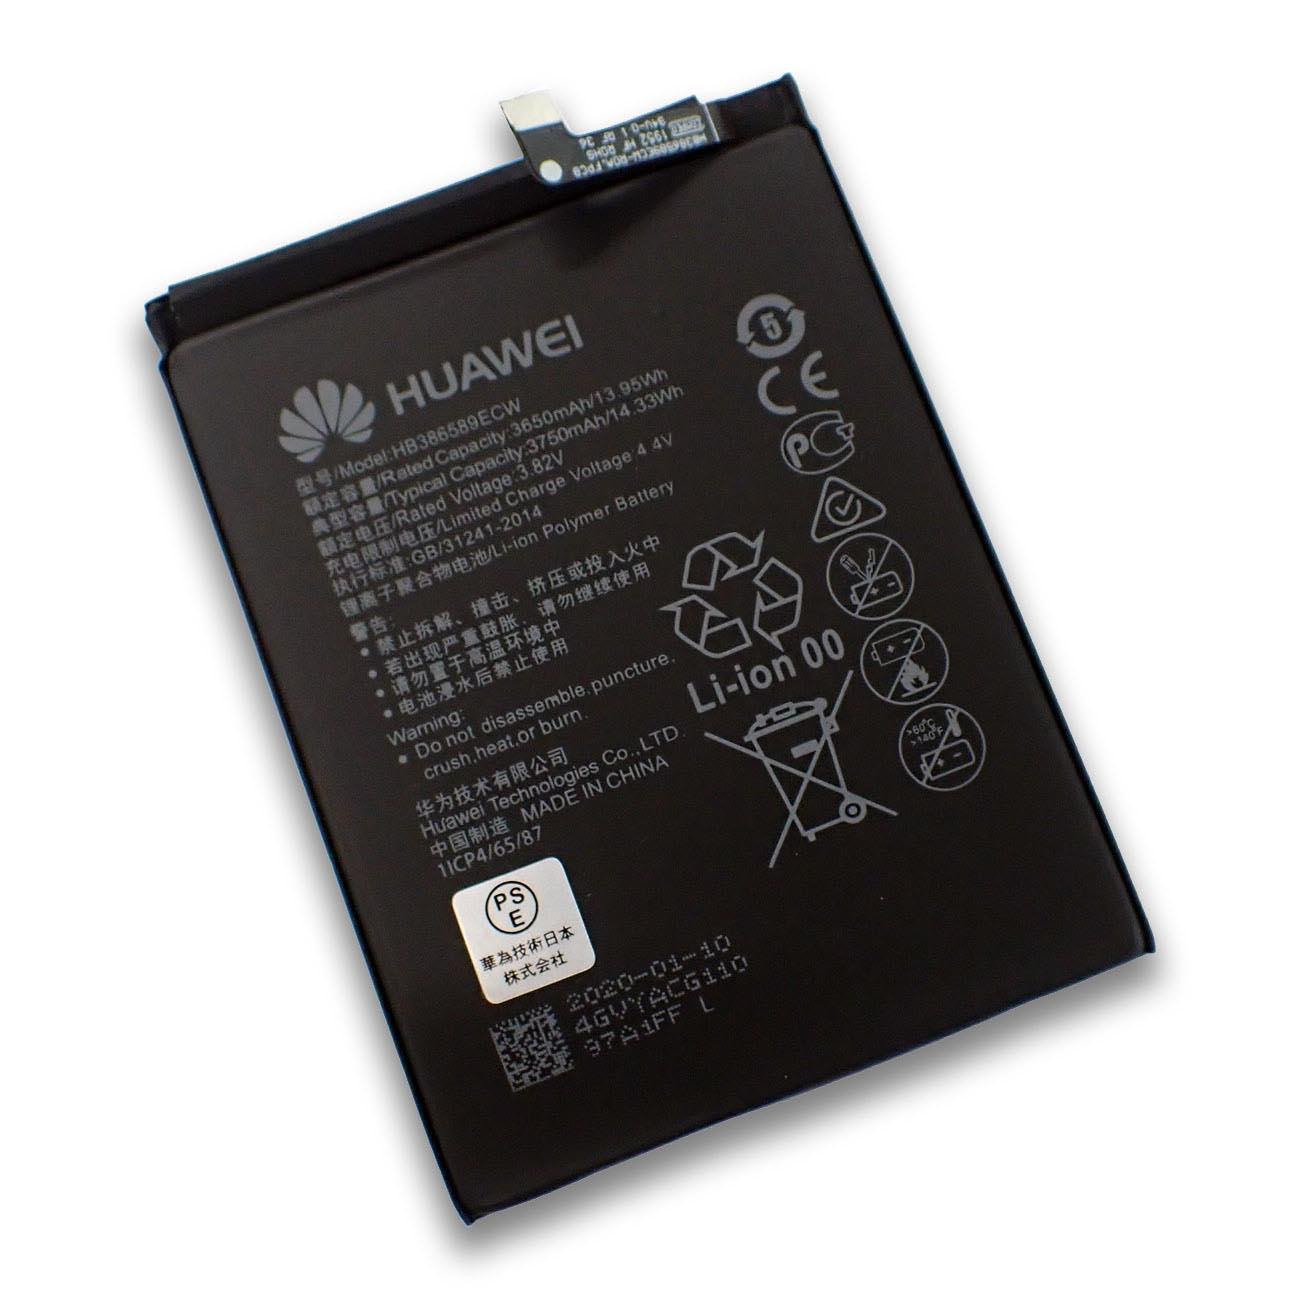 【全国送料無料】HUAWEI ファーウェイ P10 Plus | Mate 20 lite | nova 3 スマートフォン 交換用バッテリー HB386589ECW